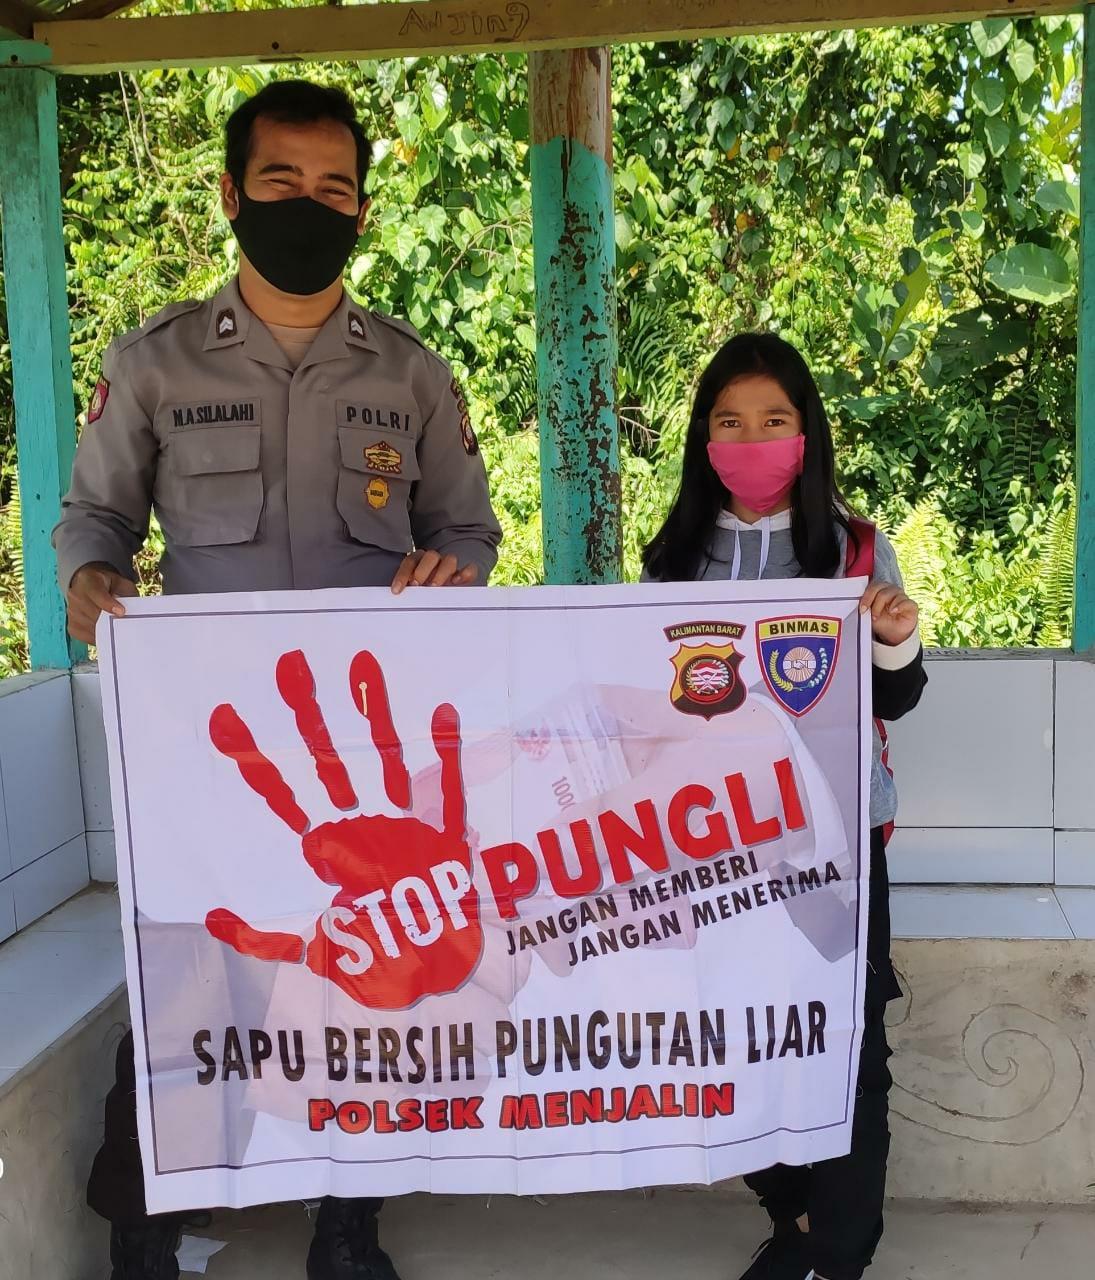 Anak Gadis Kecamatan Menjalin Tetap Mendukung Polisi Dalam Menumpaskan Korupsi